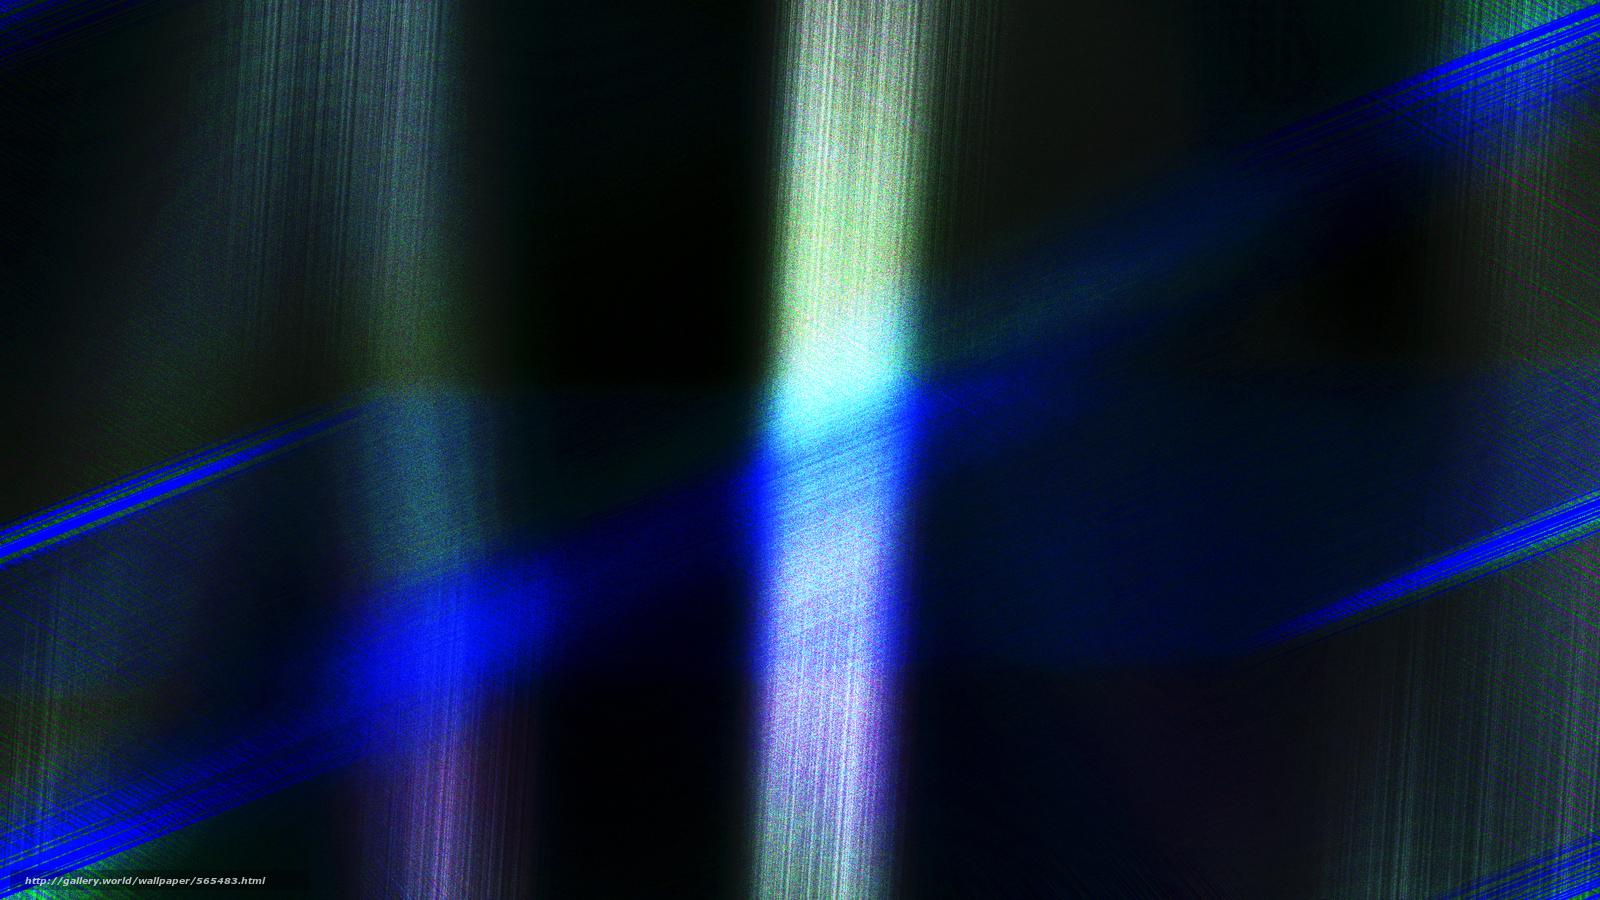 Скачать обои стекло,  цвет,  витраж,  лучи бесплатно для рабочего стола в разрешении 1920x1080 — картинка №565483